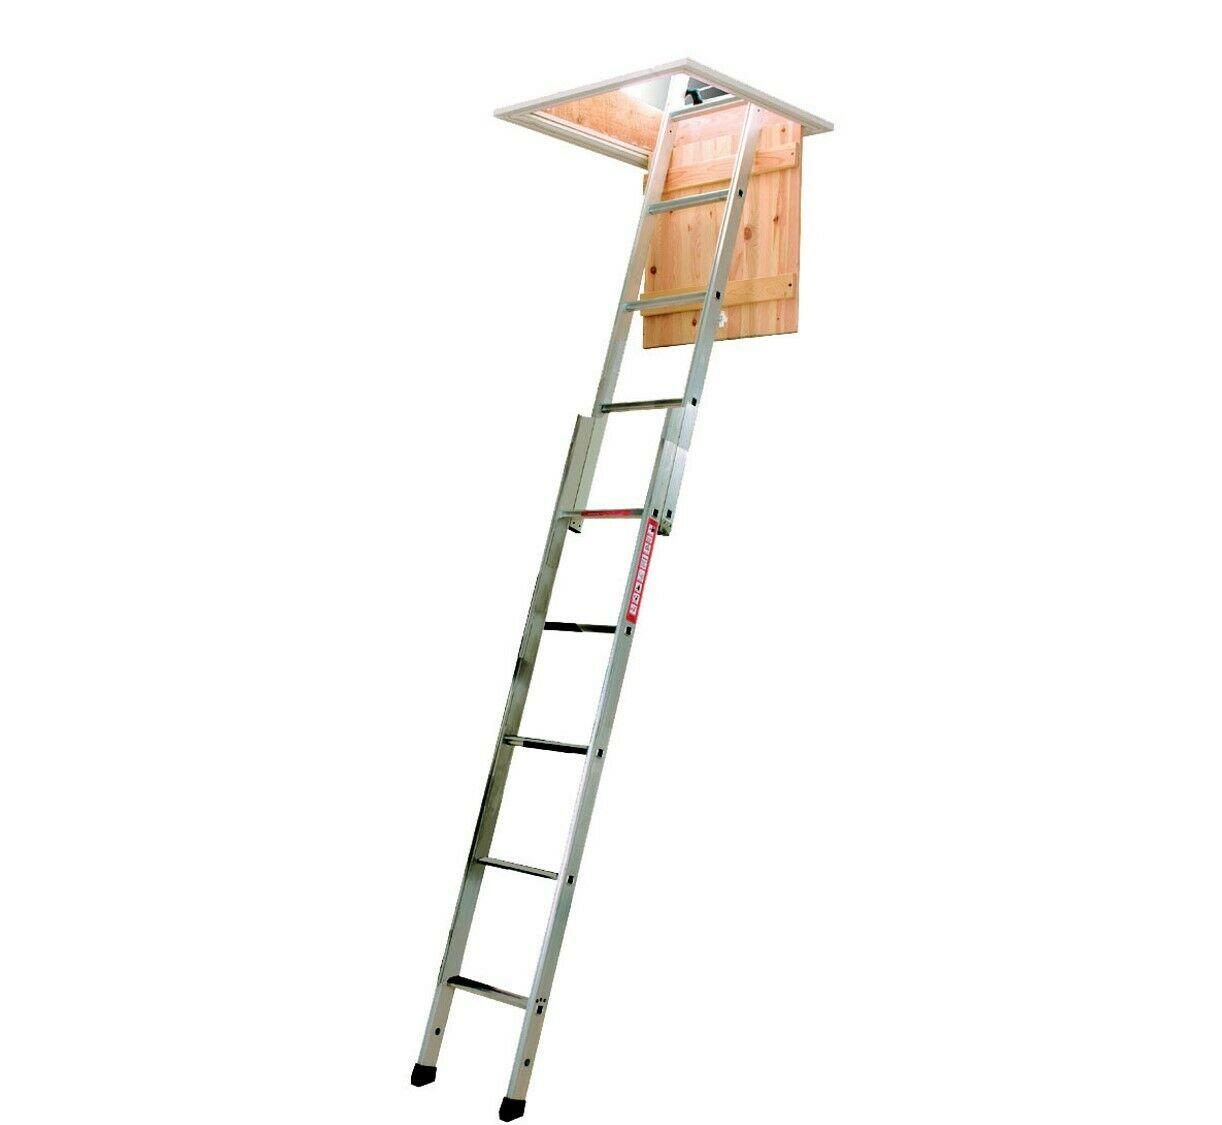 2 Section Aluminium Loft Ladder Installation in UK